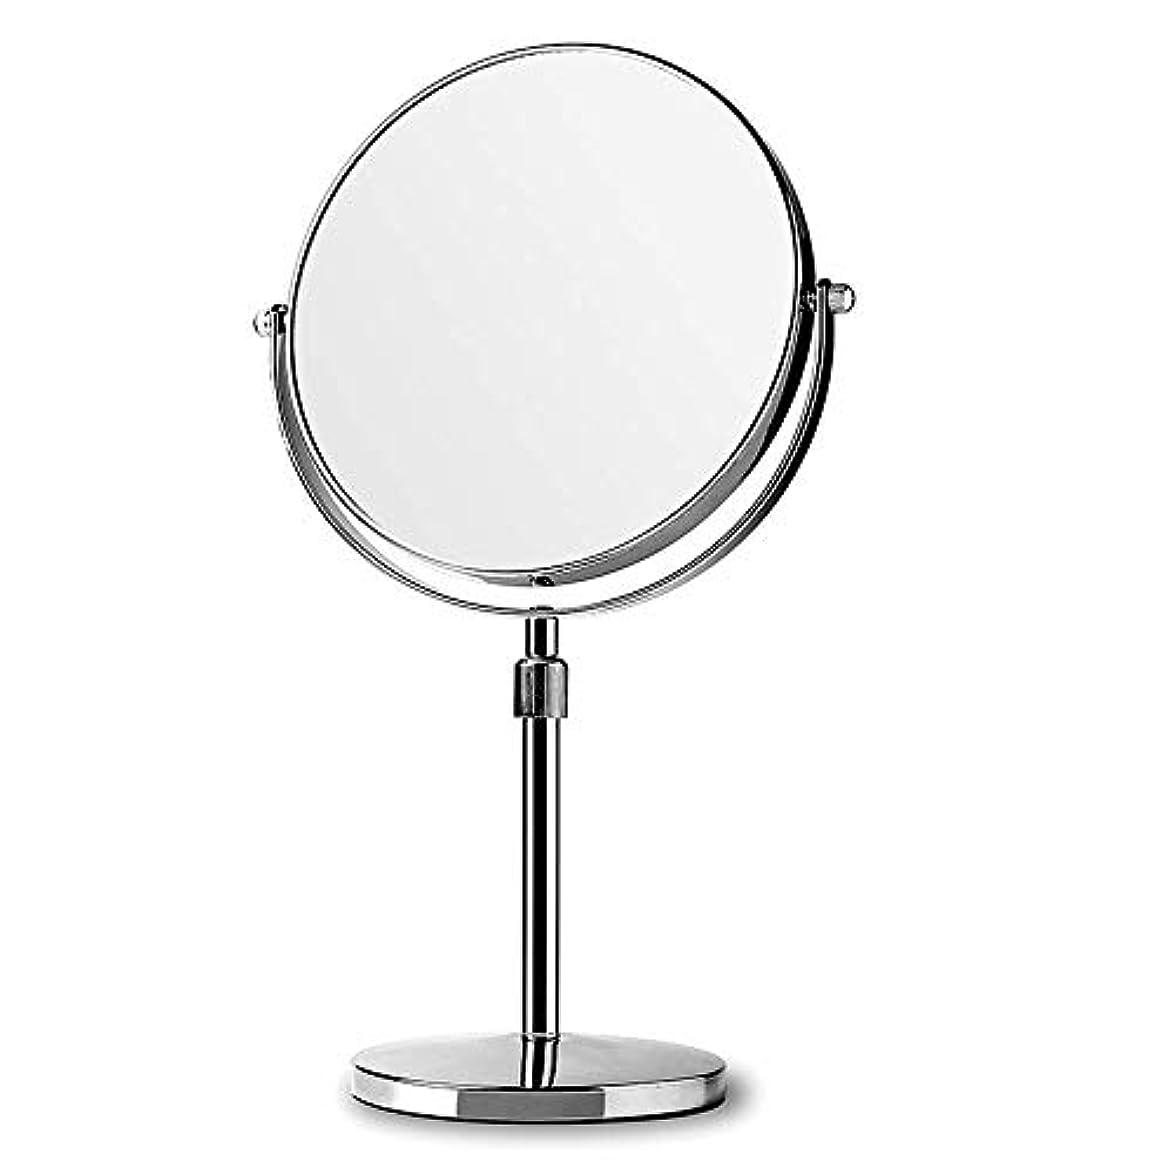 防止信頼できる担保卓上鏡 メイクアップミラー 両面鏡 スタンドミラー 化粧道具 360度回転 高さが調整できる メイクプレゼント 贈り物